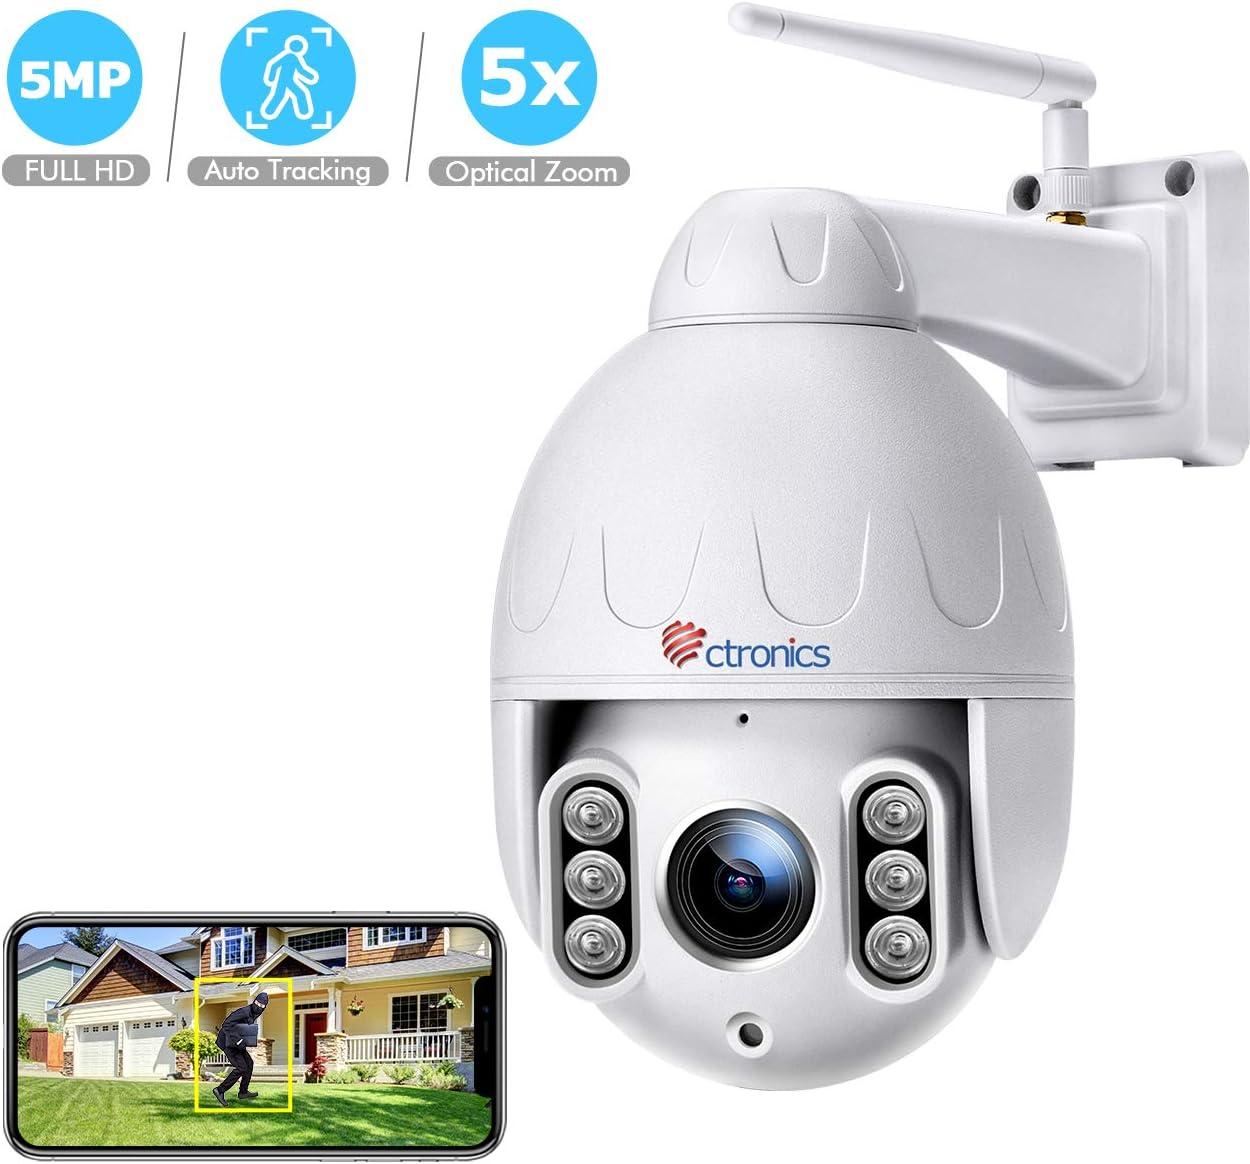 Ctronics 5MP Menschenerkennung WiFi Überwachungskamera -